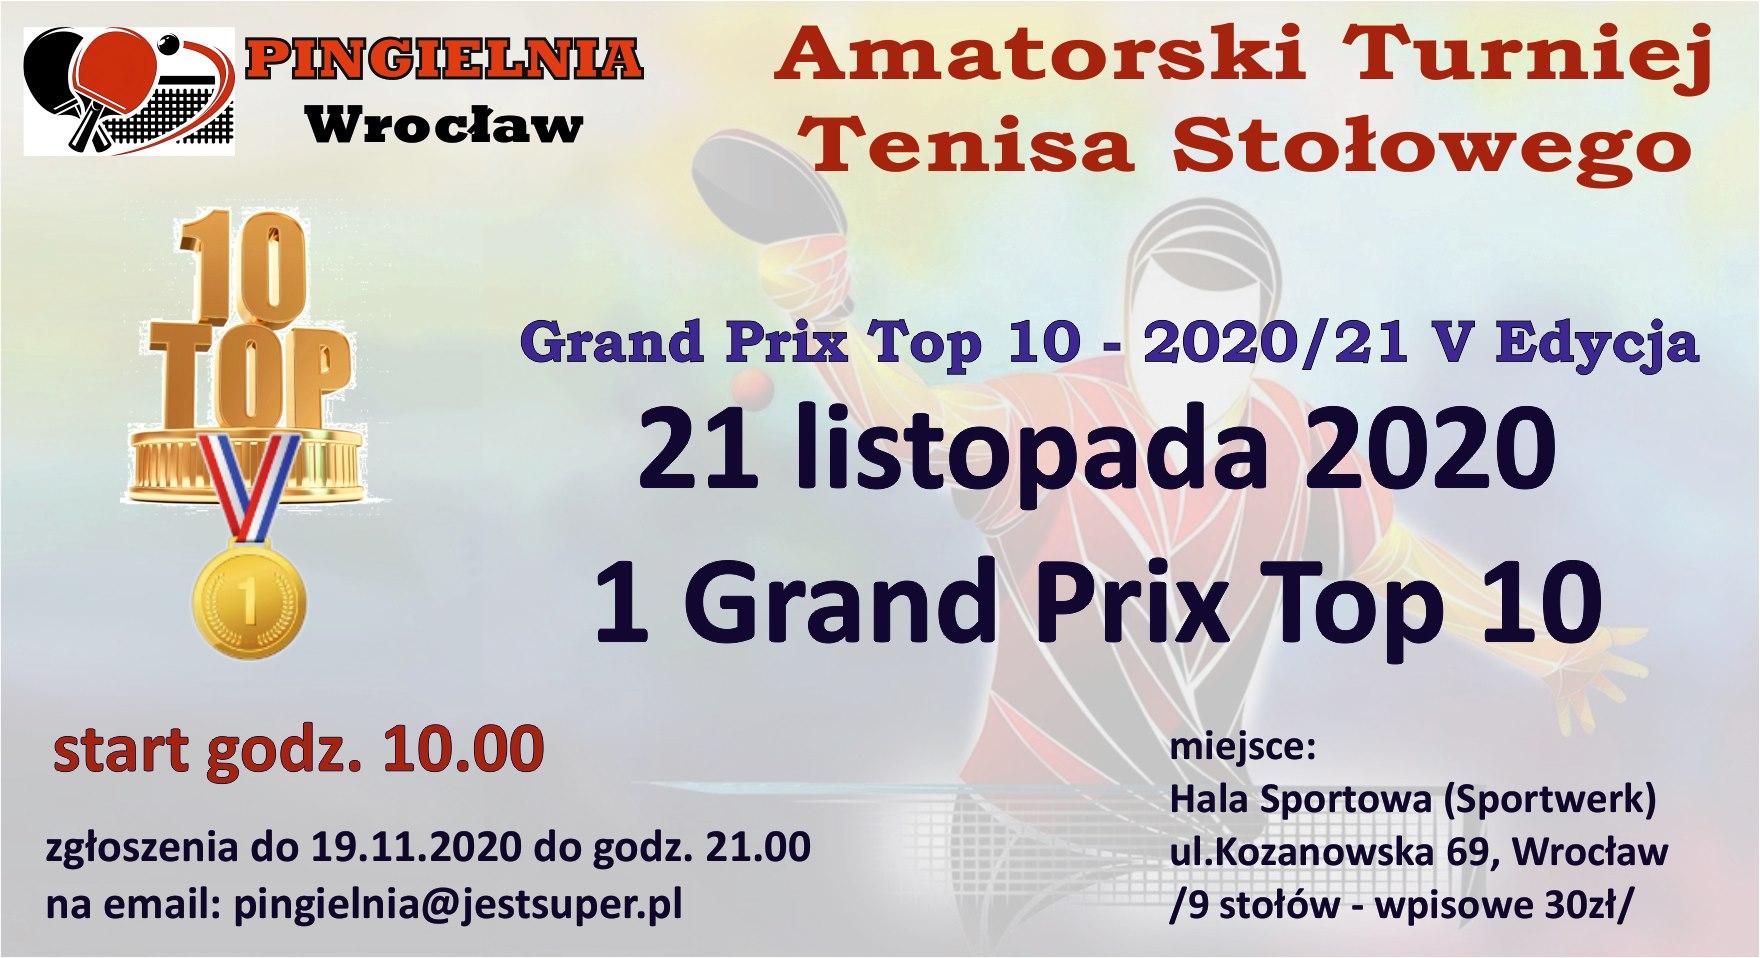 Plakat turnieju Amatorski Turniej Tenisa Stołowego- 1 GRAND PRIX TOP 10